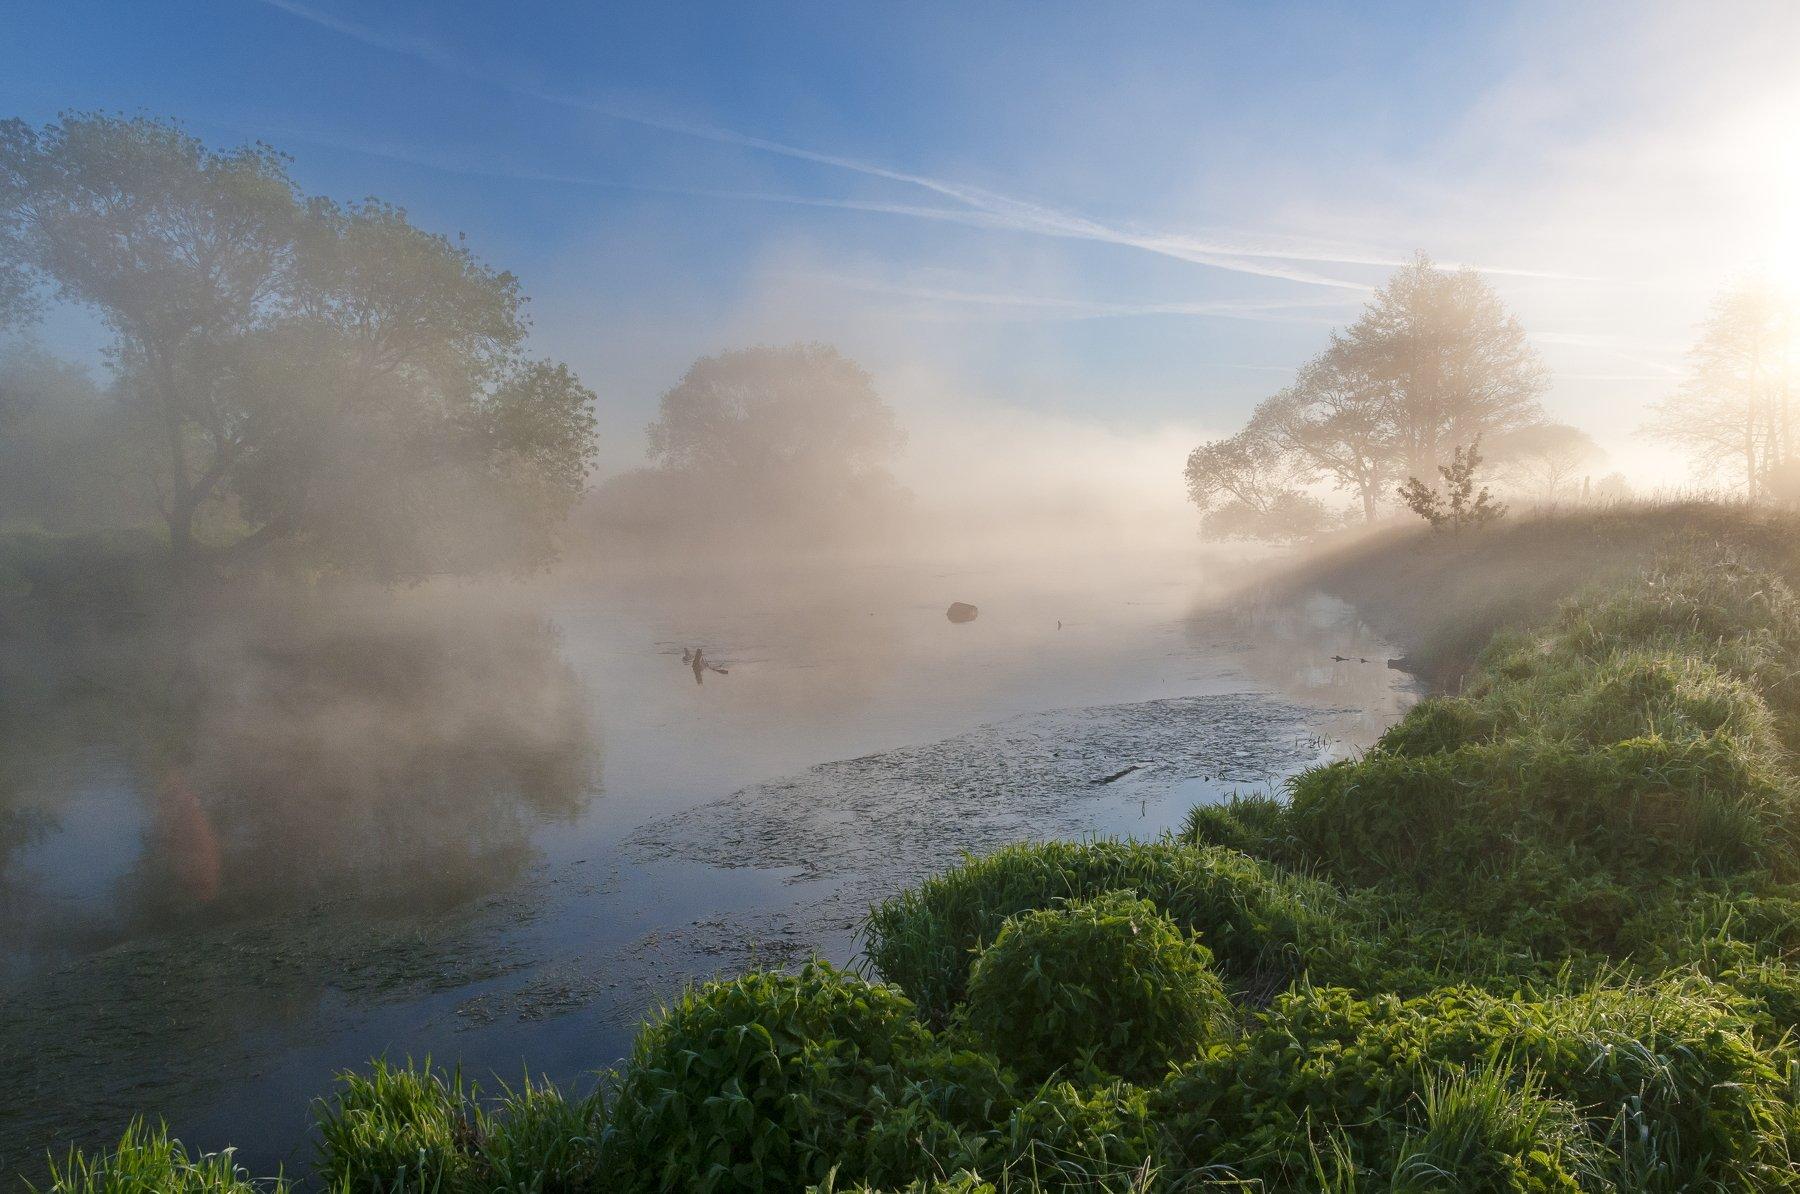 утро, свислочь, туман, пейзаж, Александр Гвоздь